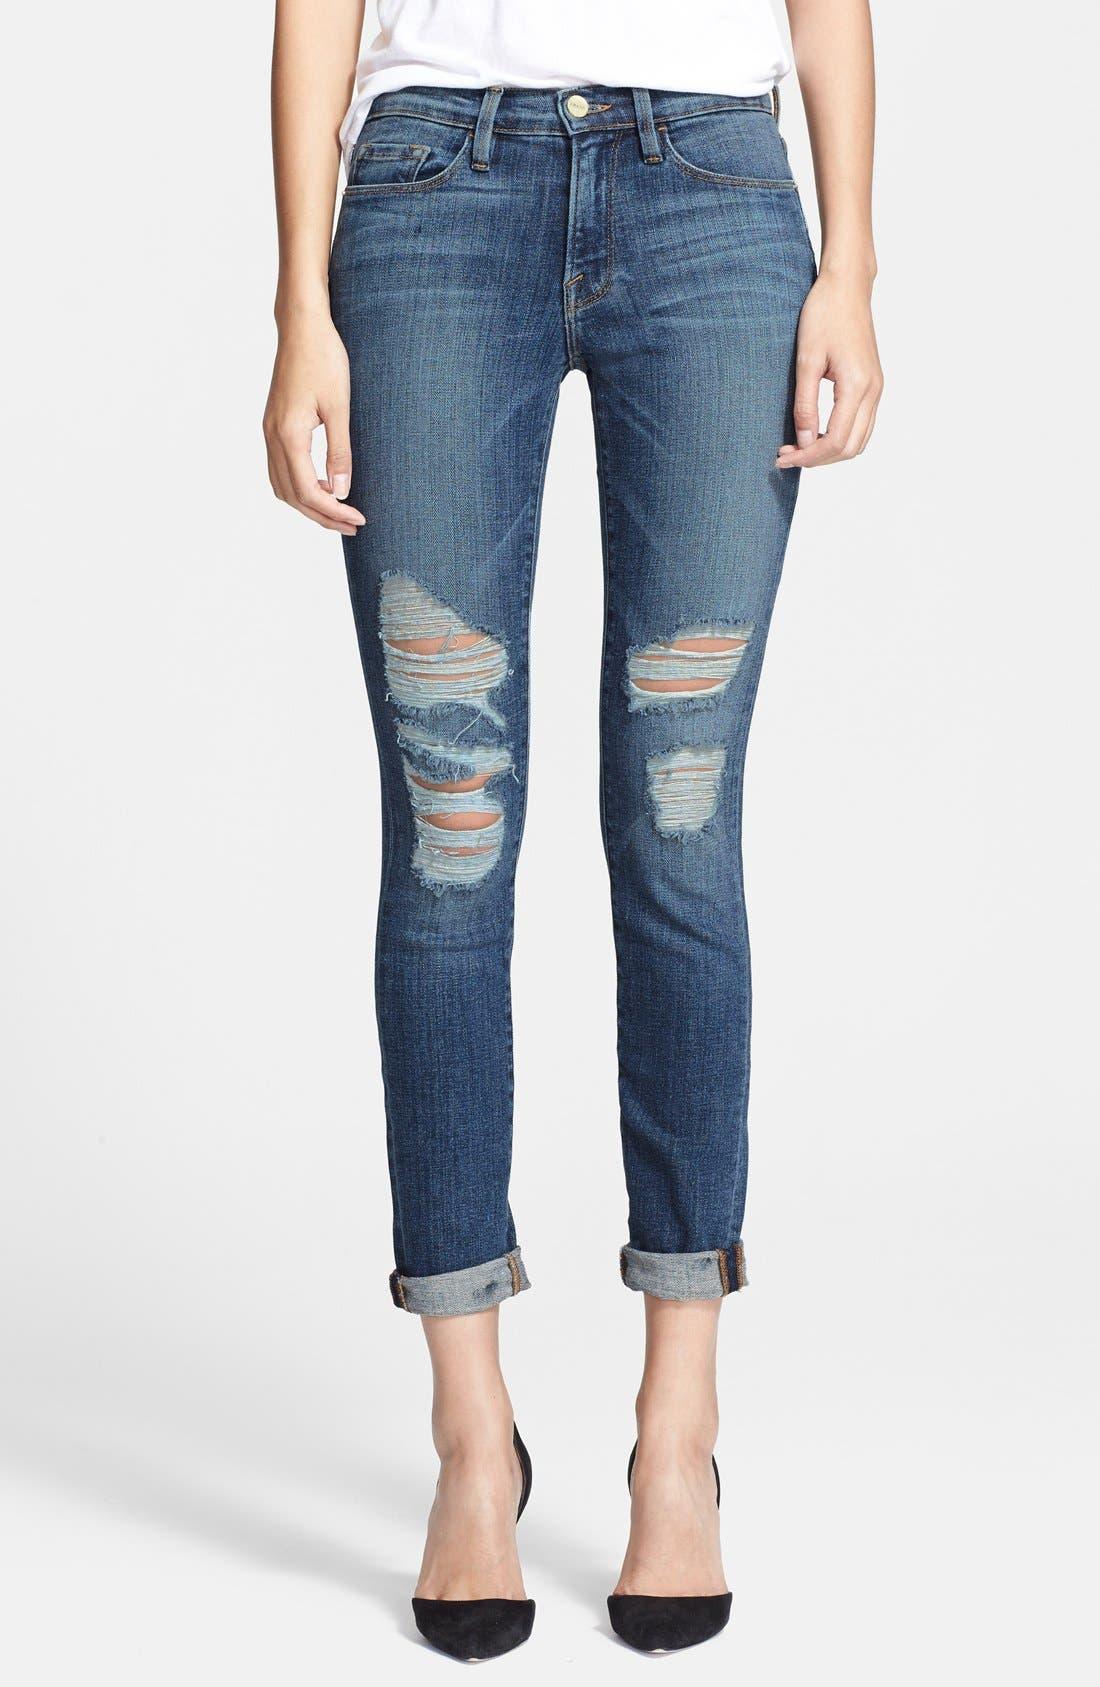 FRAME Denim 'Le Skinny de Jeanne' Destroyed Jeans, Main, color, 420